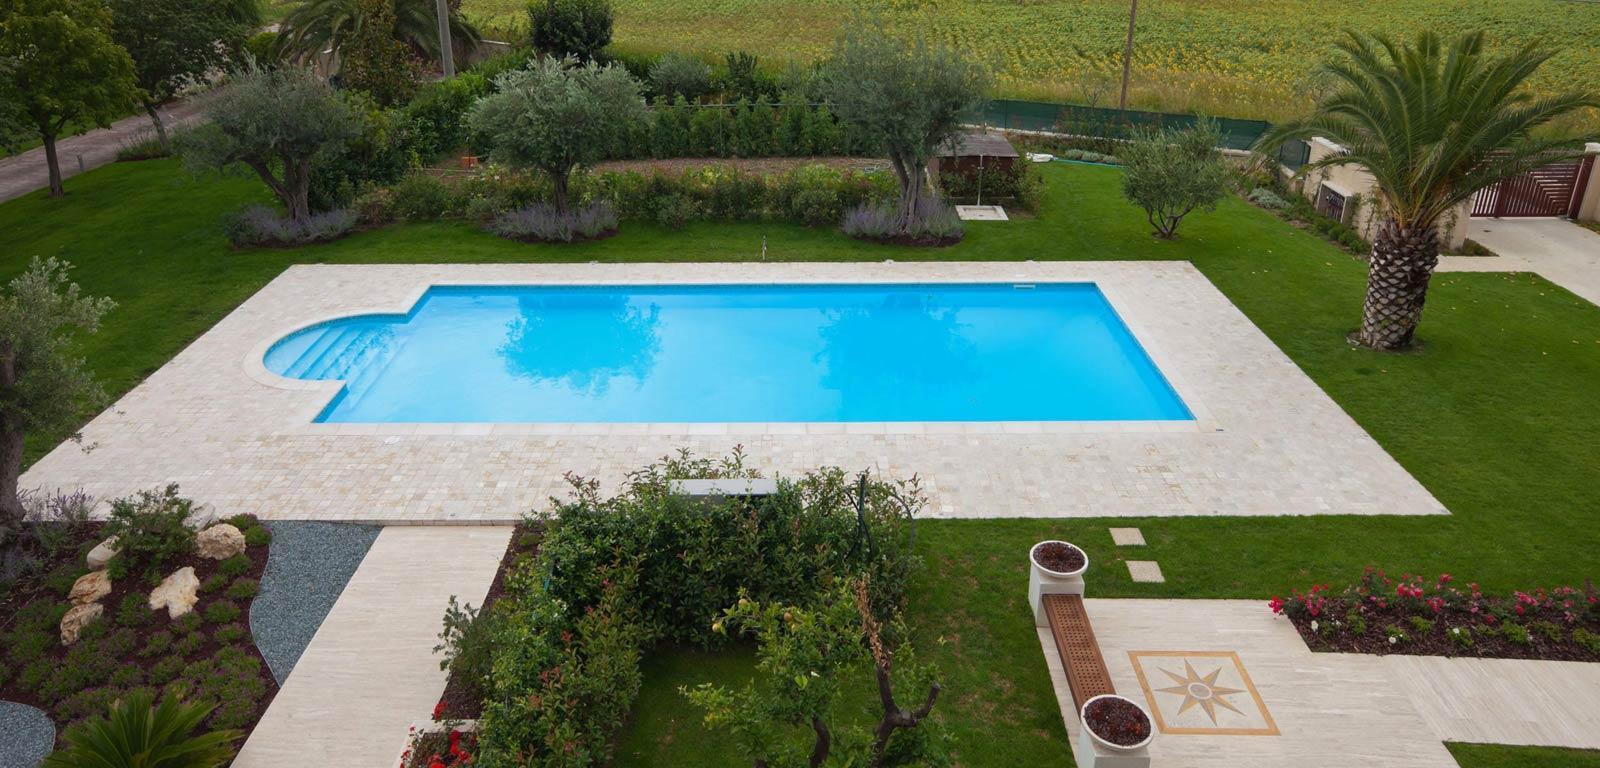 Piscine interrate vantaggi e prezzi piscine castiglione for Piscine italia